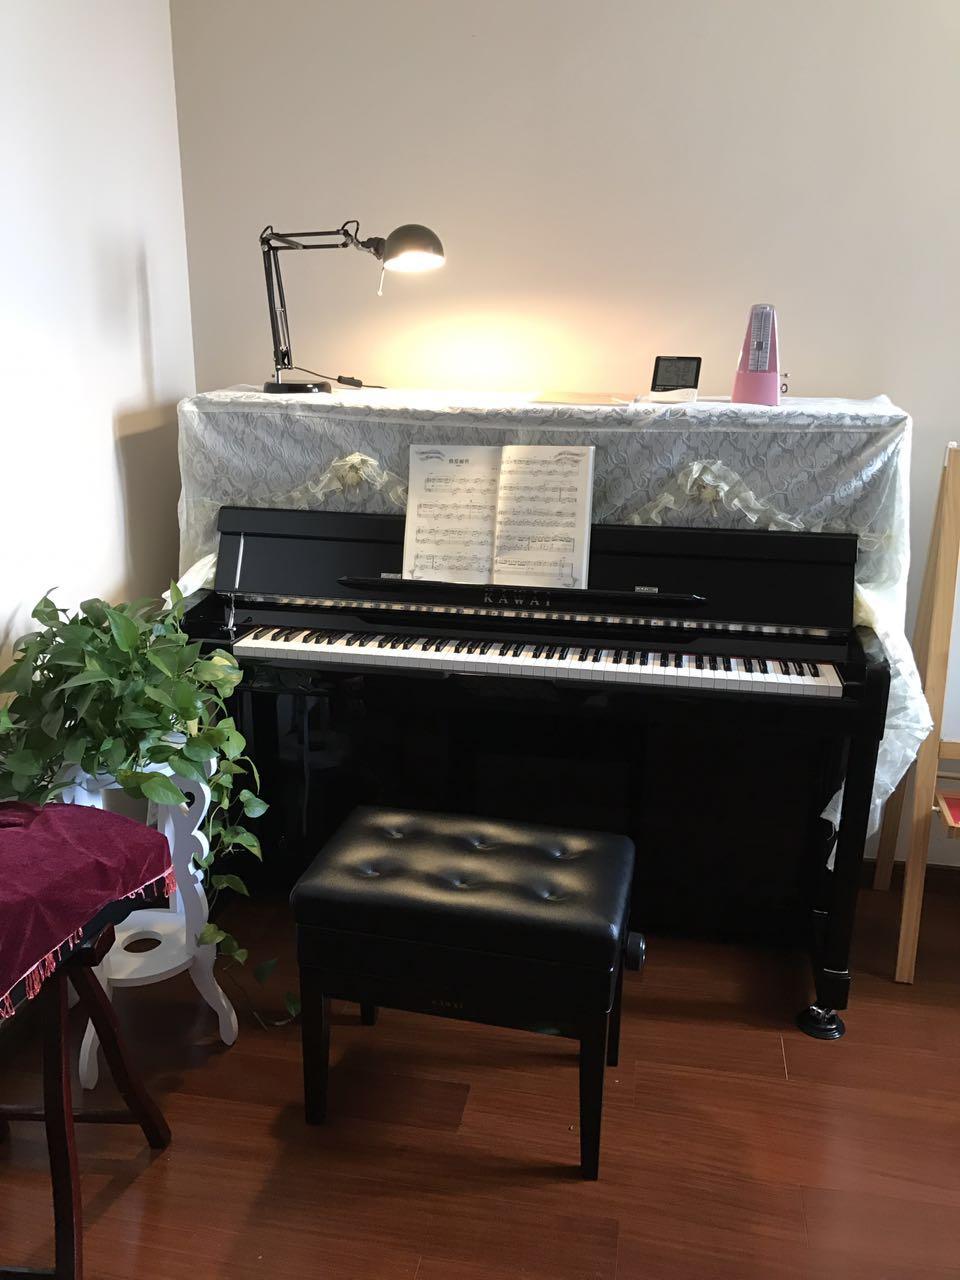 只有纯手工制作的成品方能称之为钢琴.